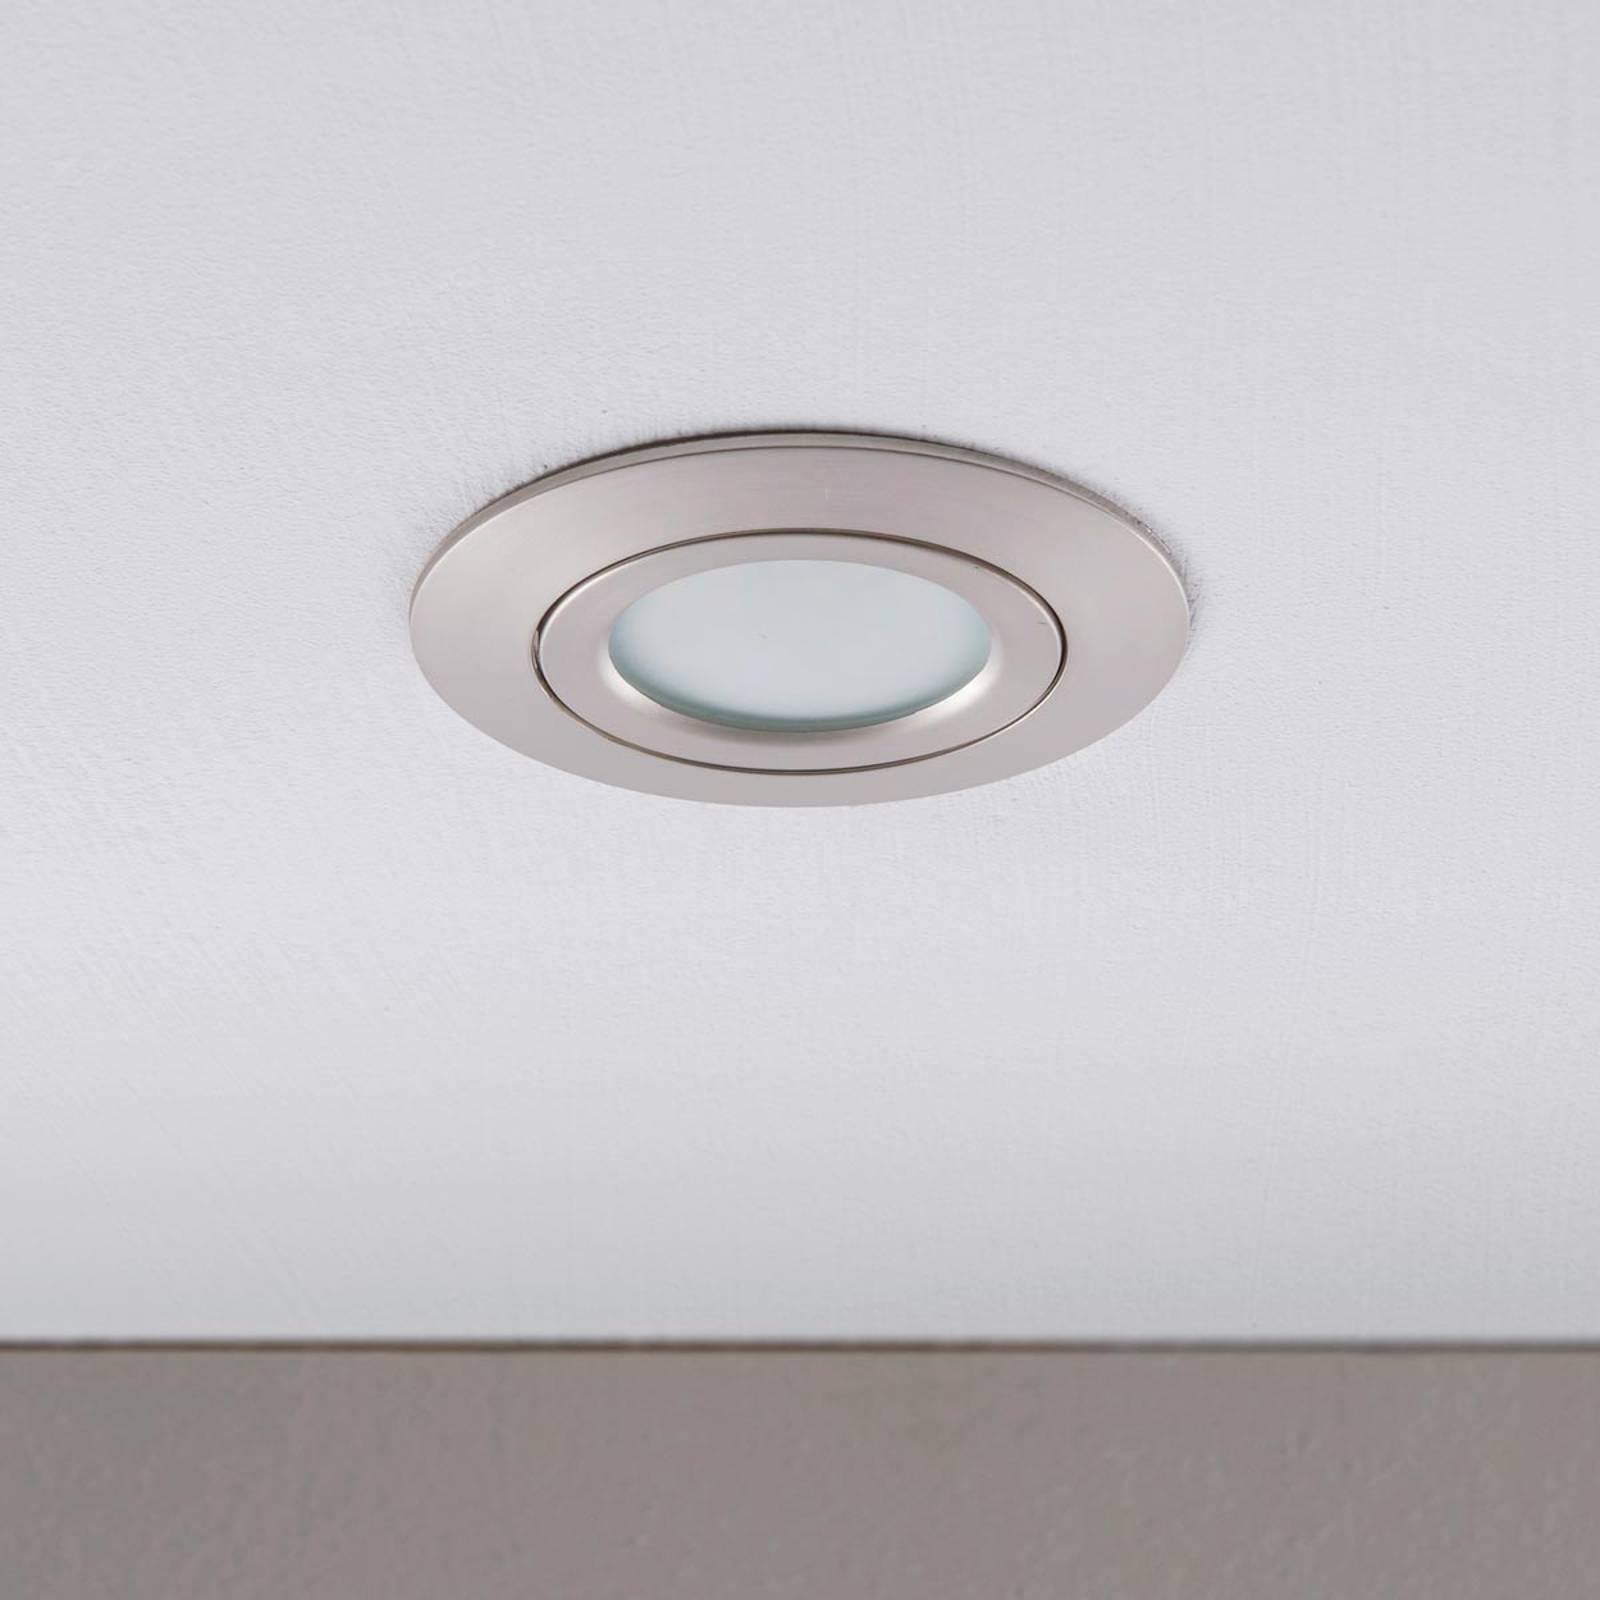 LED-kohdevalaisin Andrej, pyöreä, nikkeli